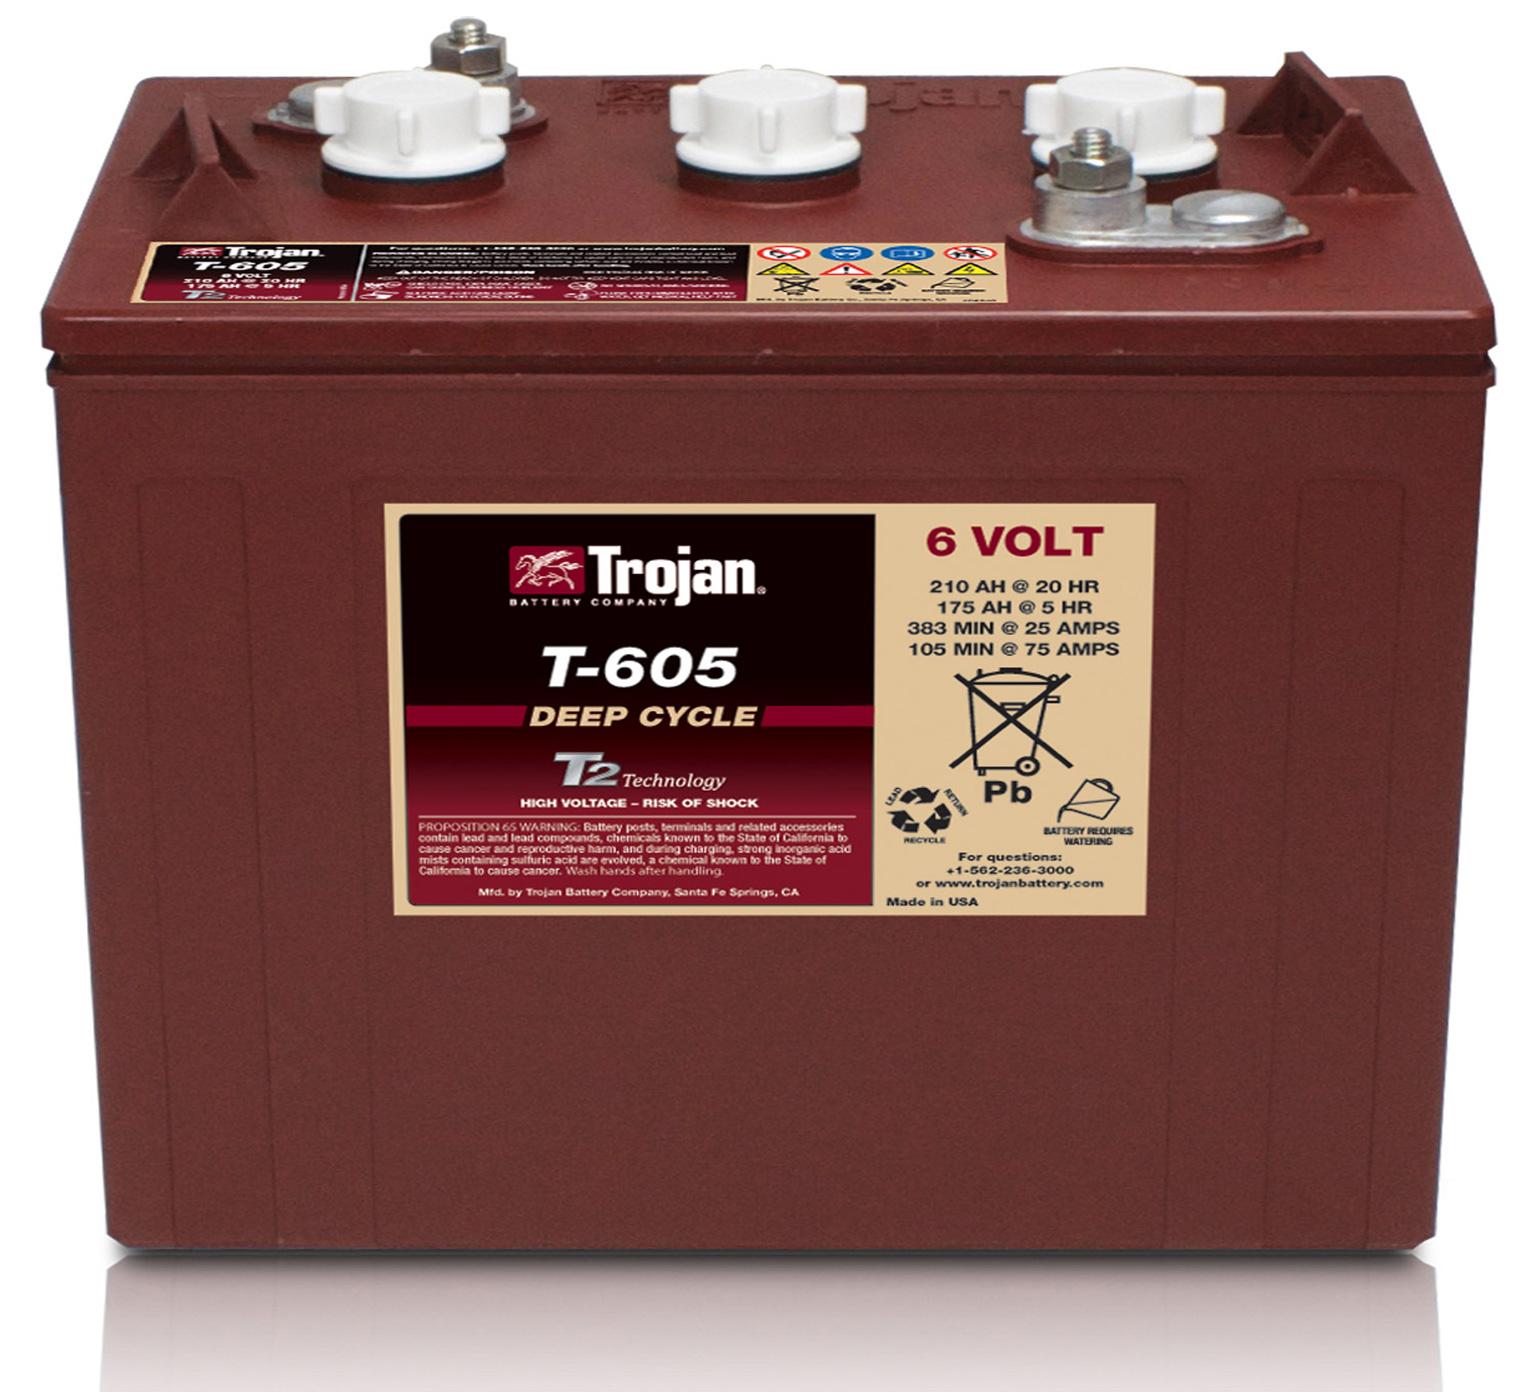 Tennanttrue 6 Volt Wet Trojan Battery Pn 1227180